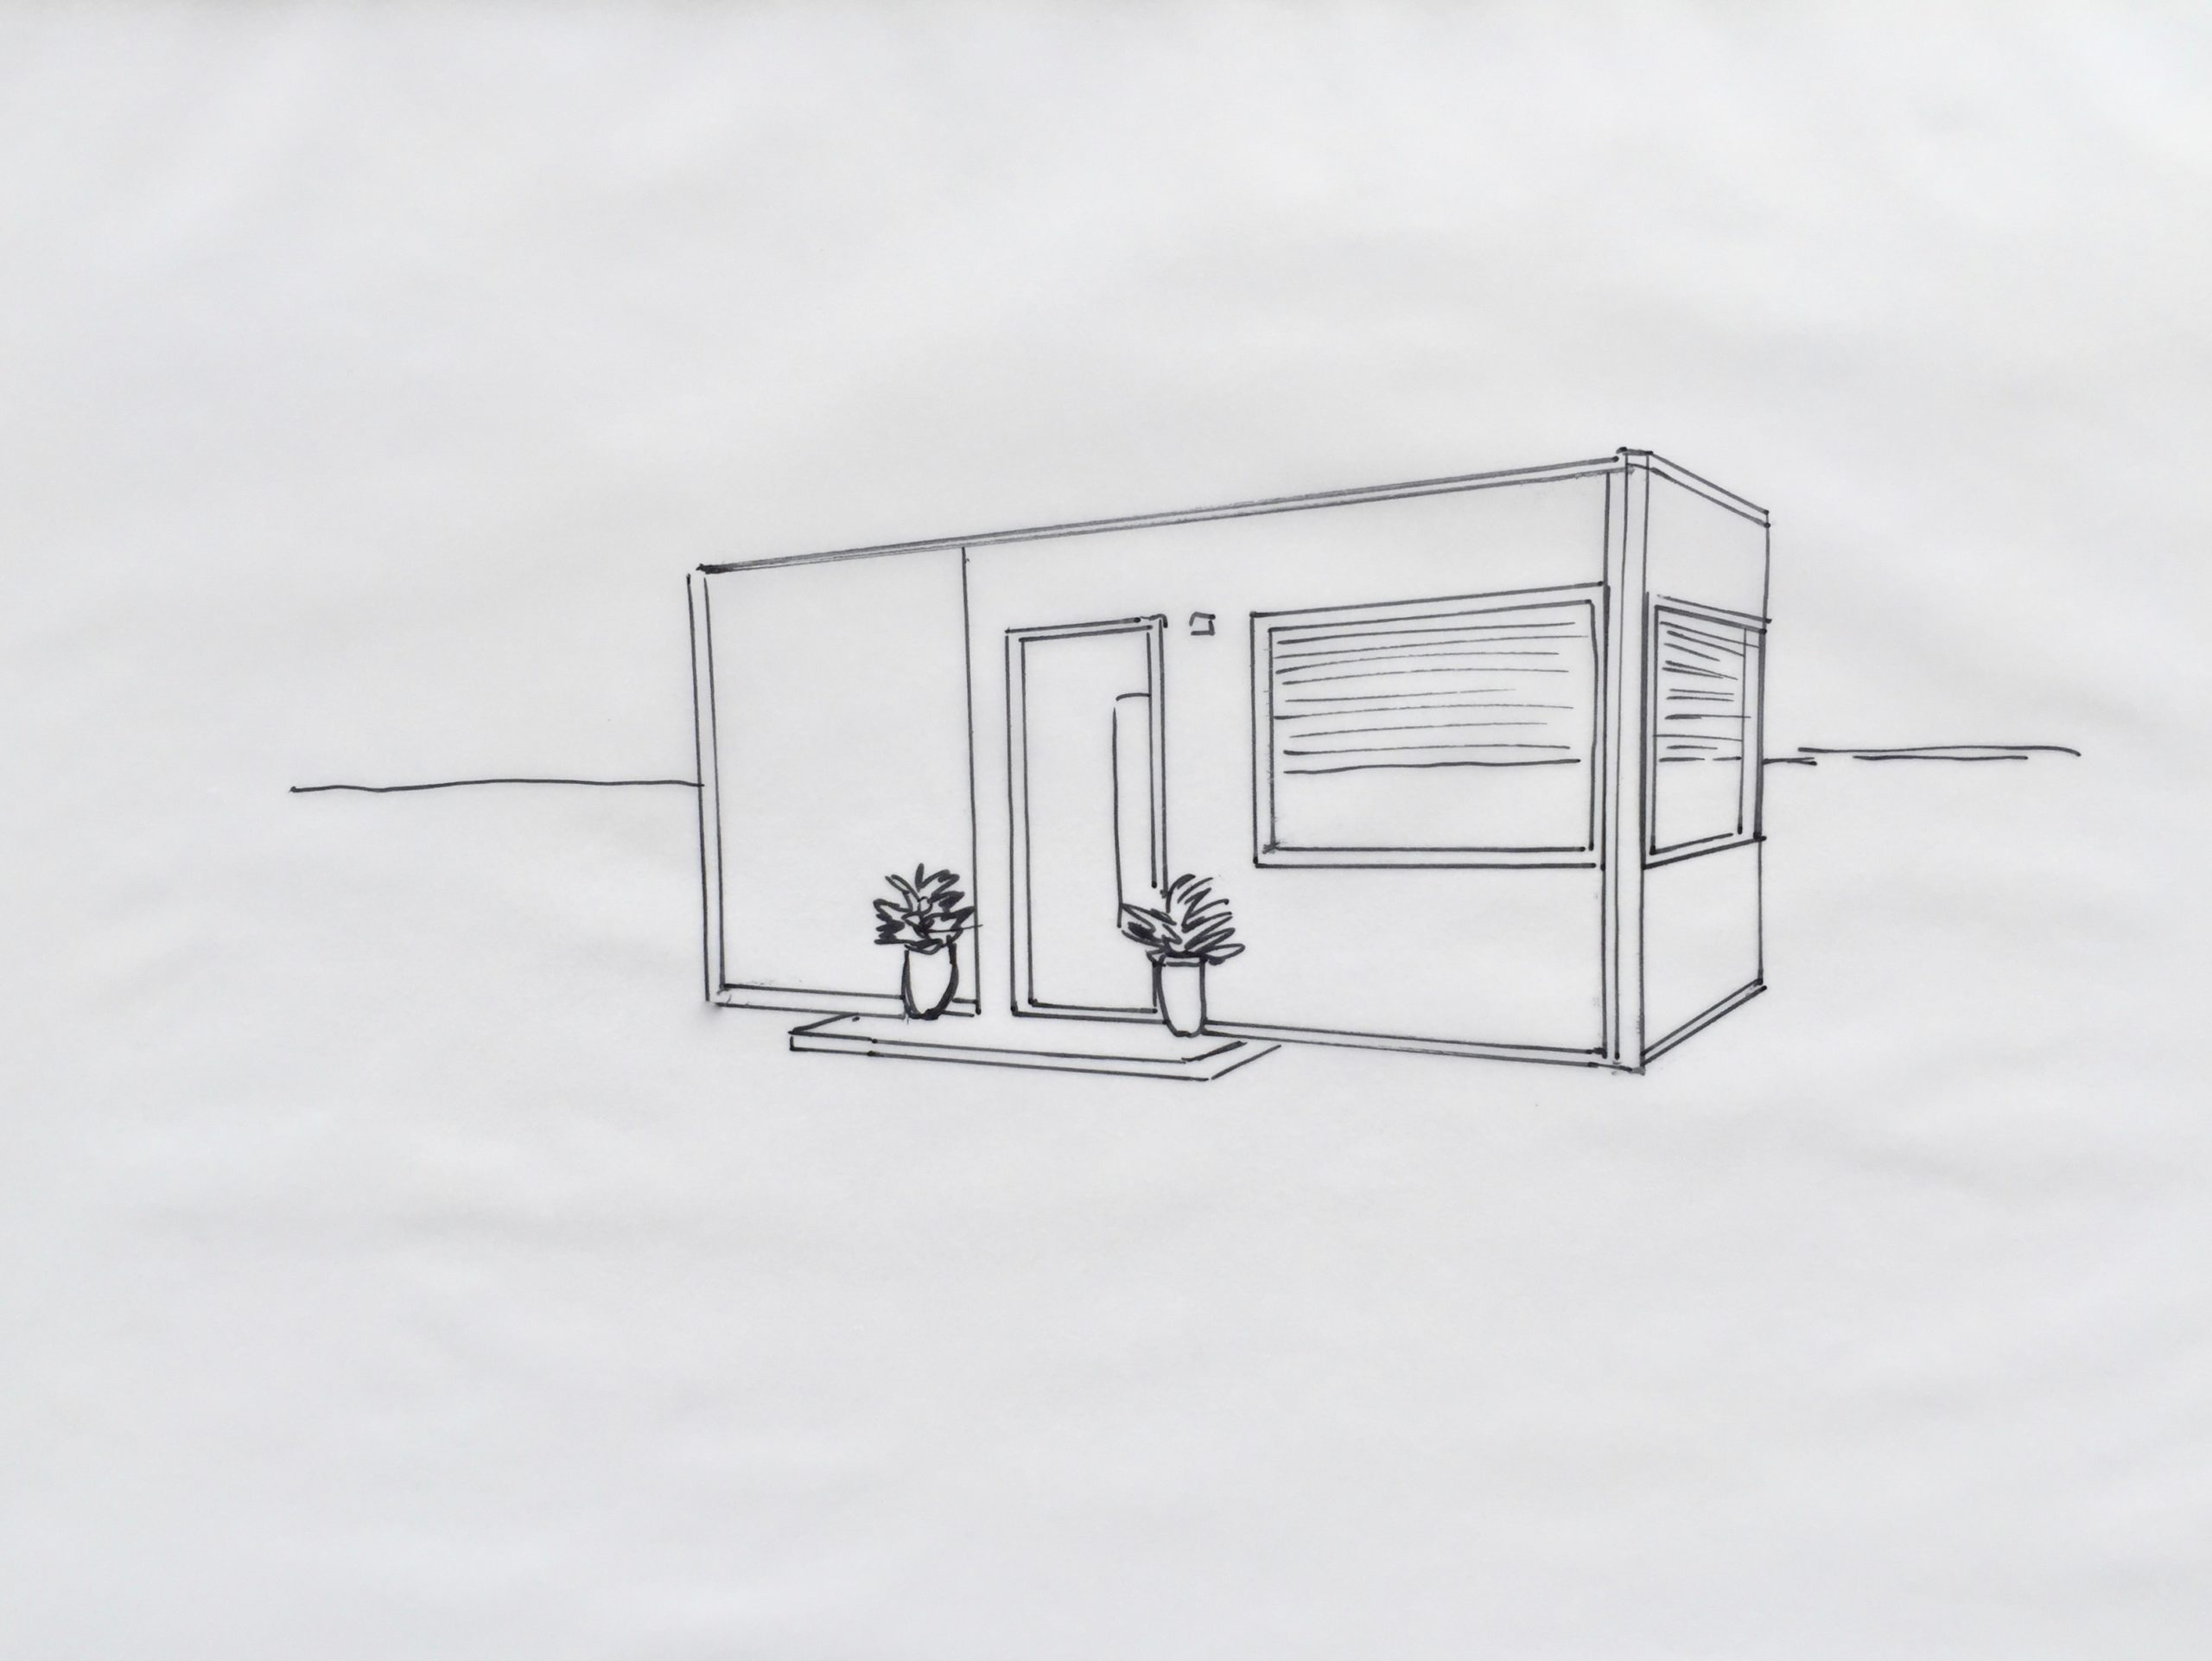 Skizze: Ein »Tiny House« bauen ist vielleicht die Lösung für Singles, bei Platzmangel in der Stadt, kleinem Budget ... Rechnen Sie bei der FianzKanzlei Bayern mit Alternativen.